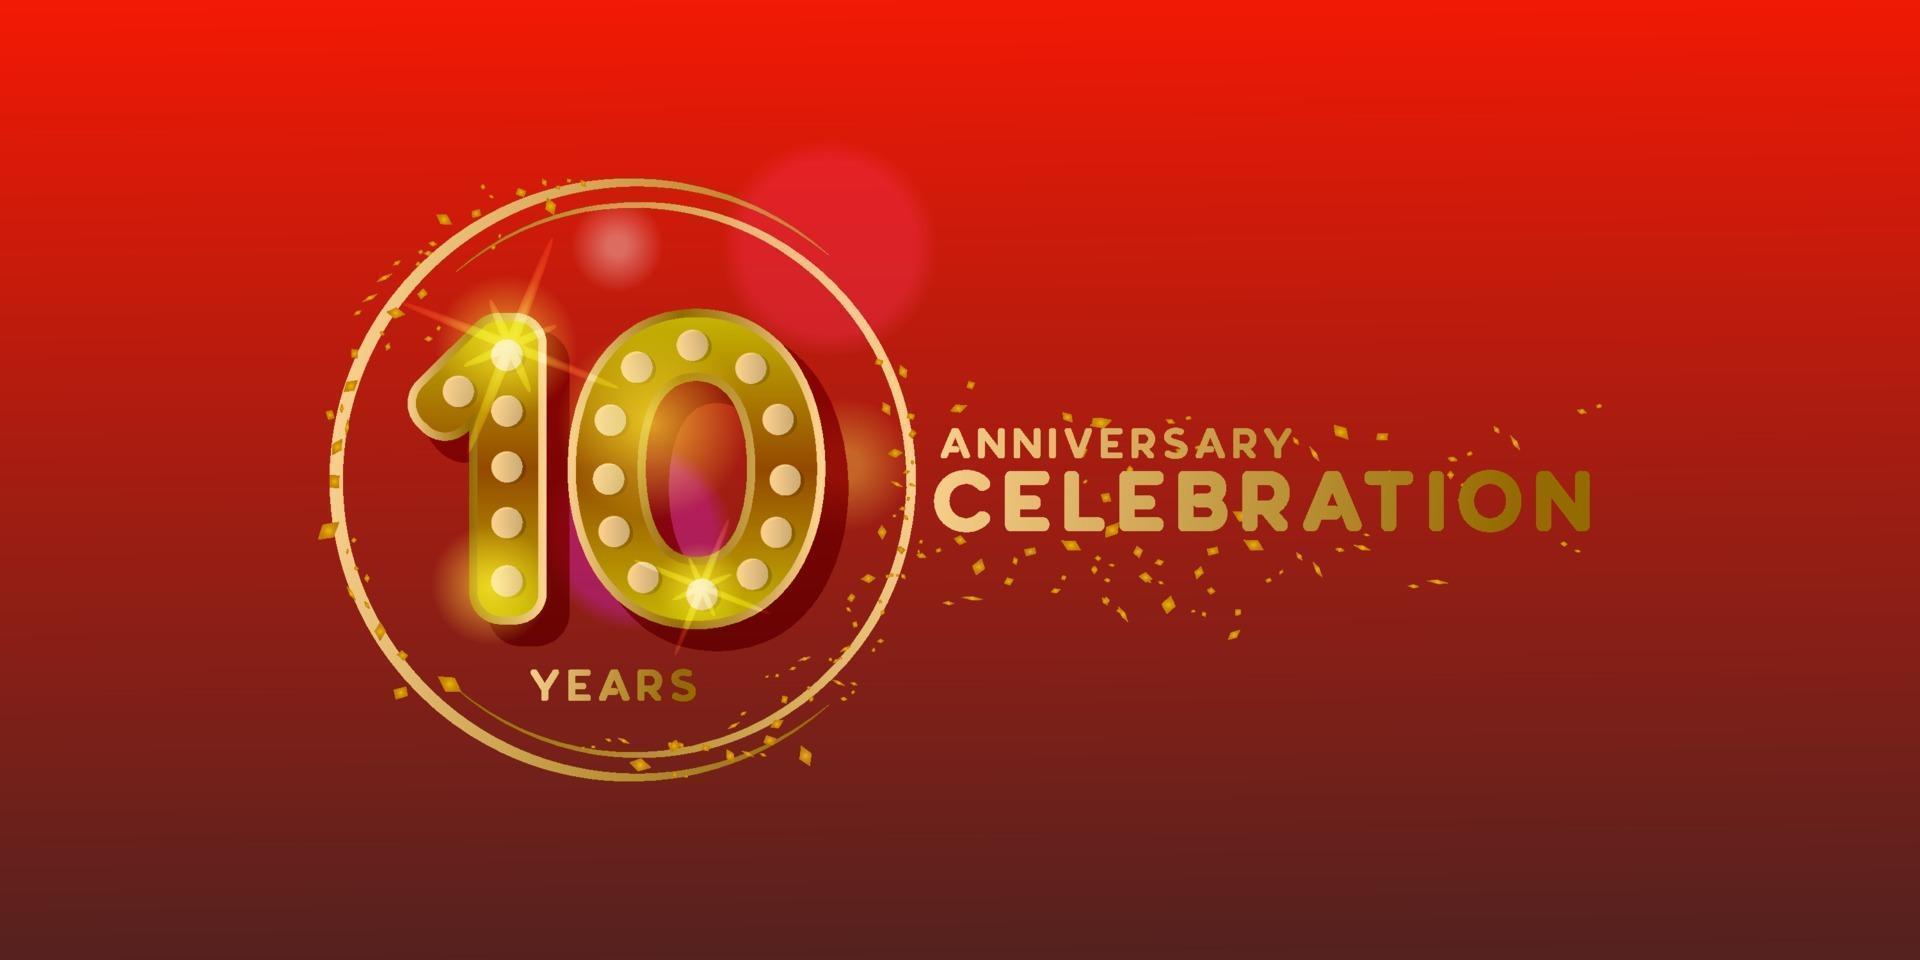 10-årsjubileum med guldnummer och glitterdesignbakgrund vektor